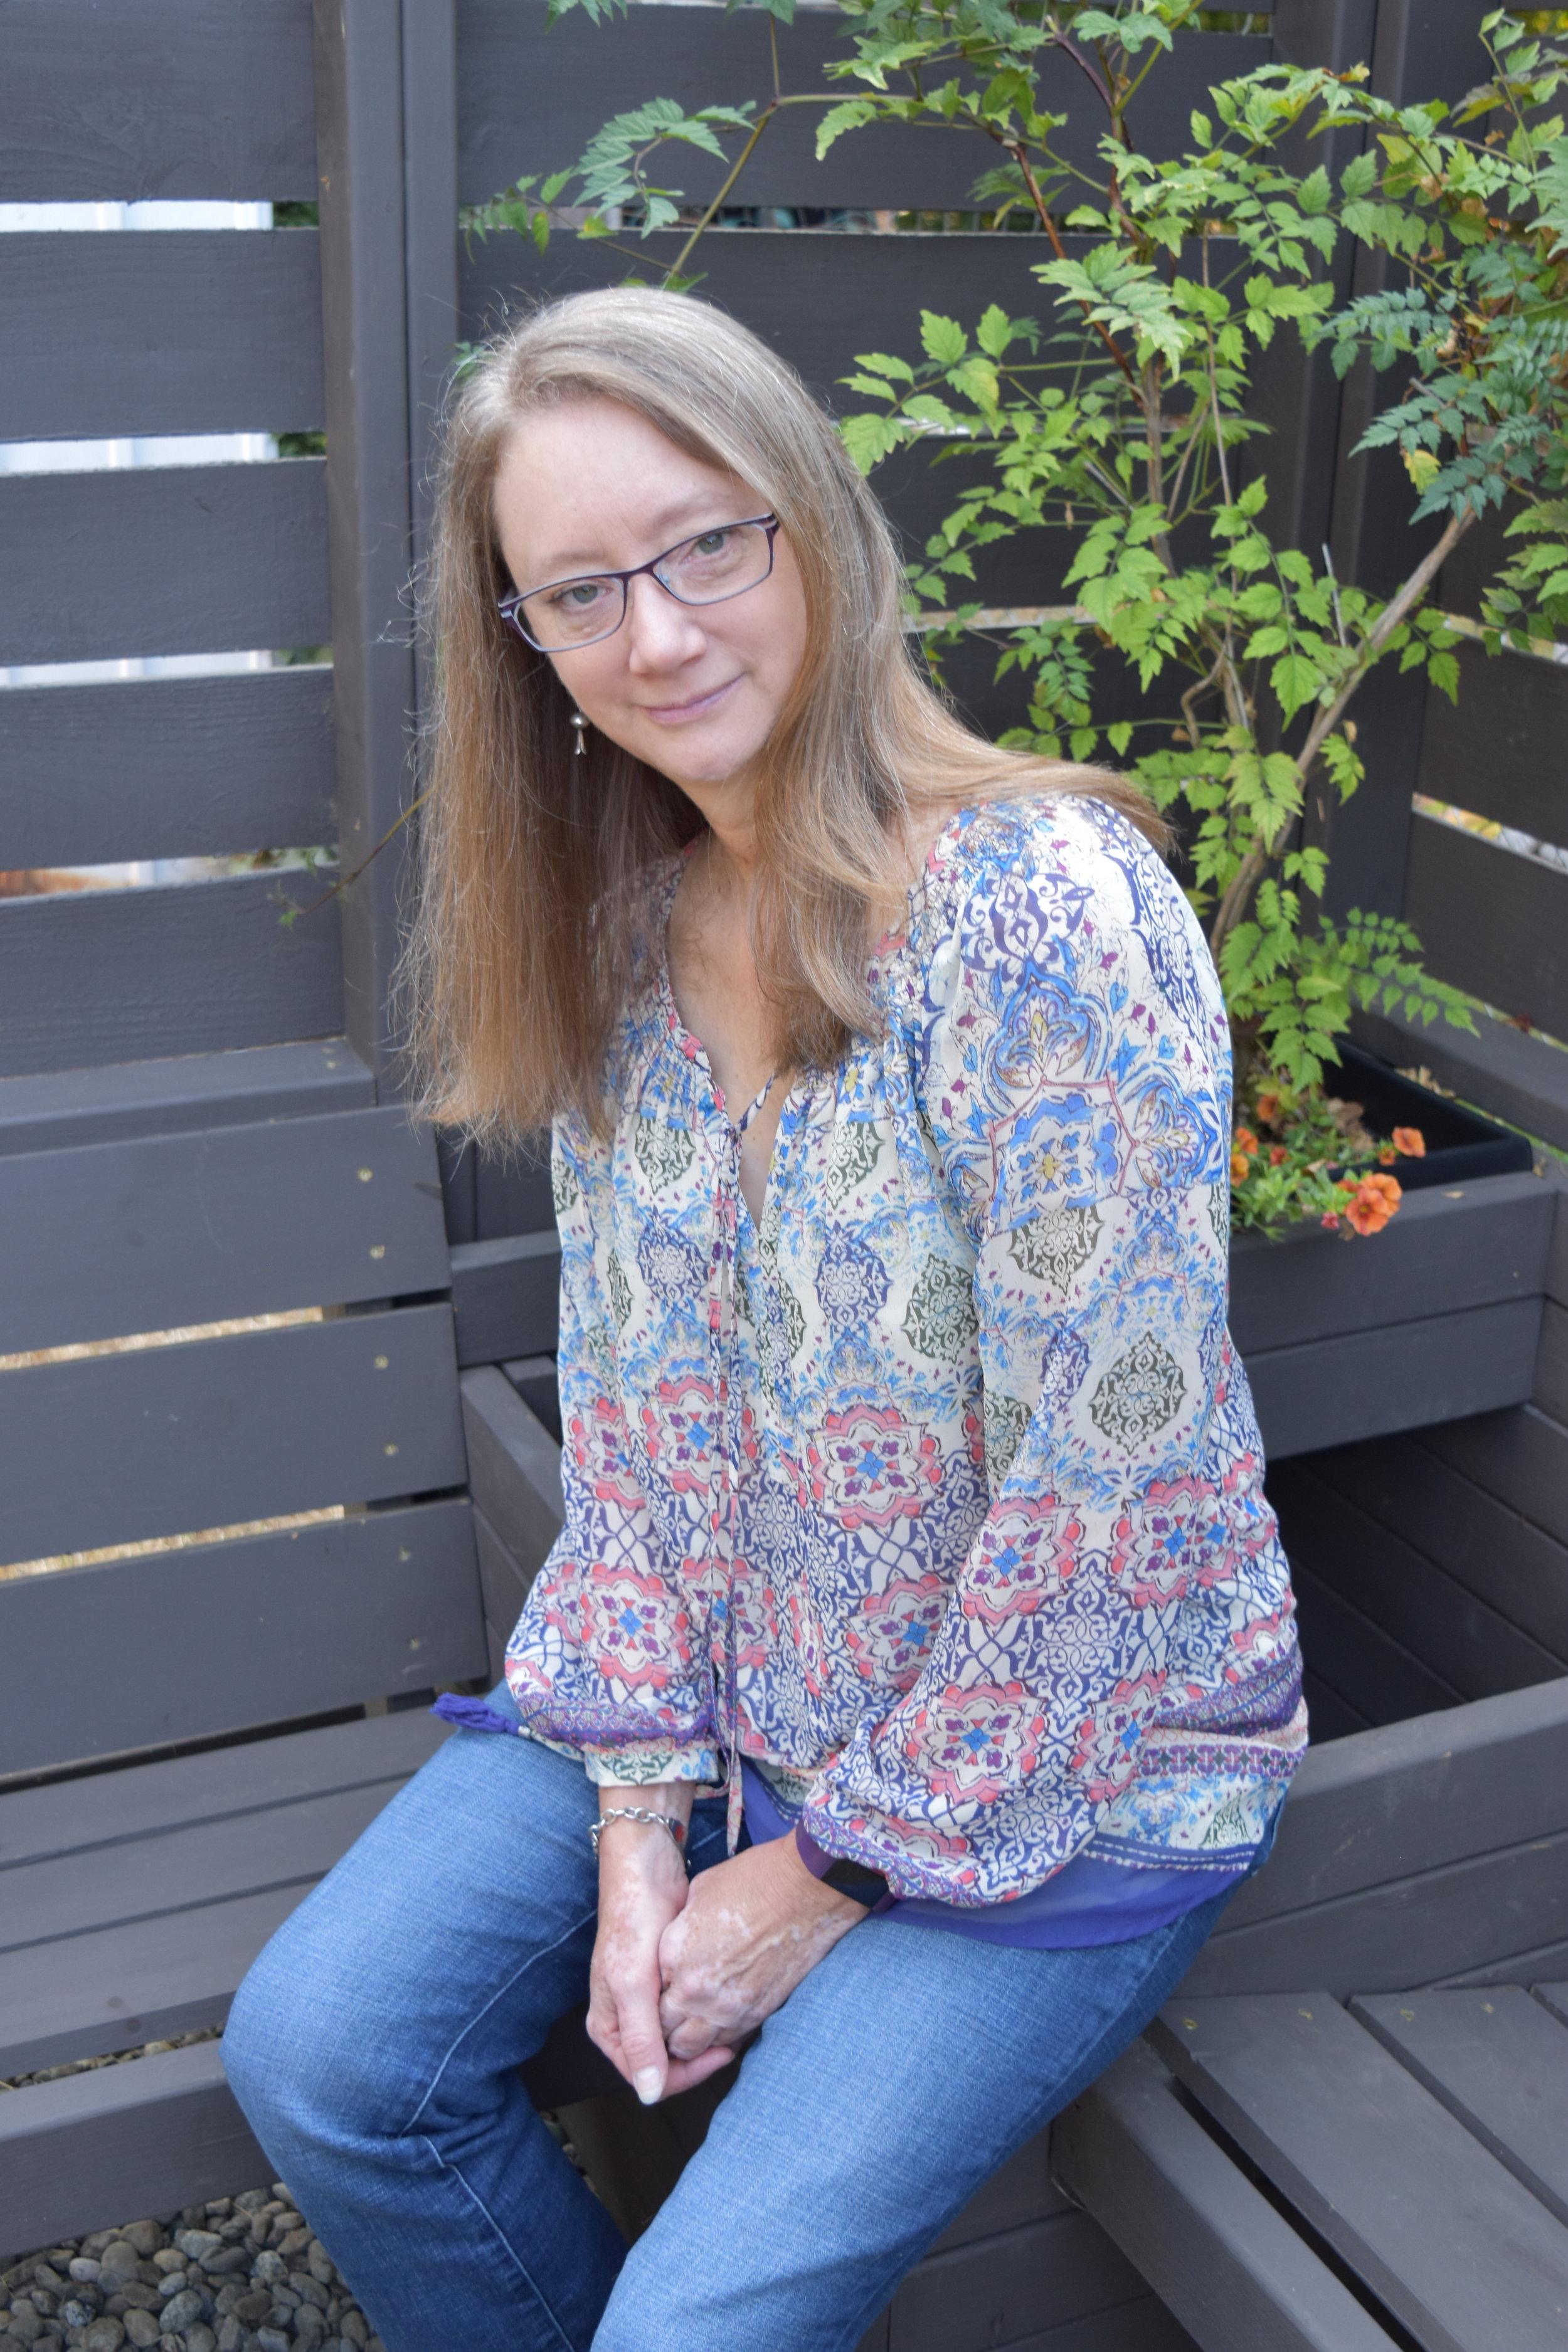 KathleenMoore2.JPG